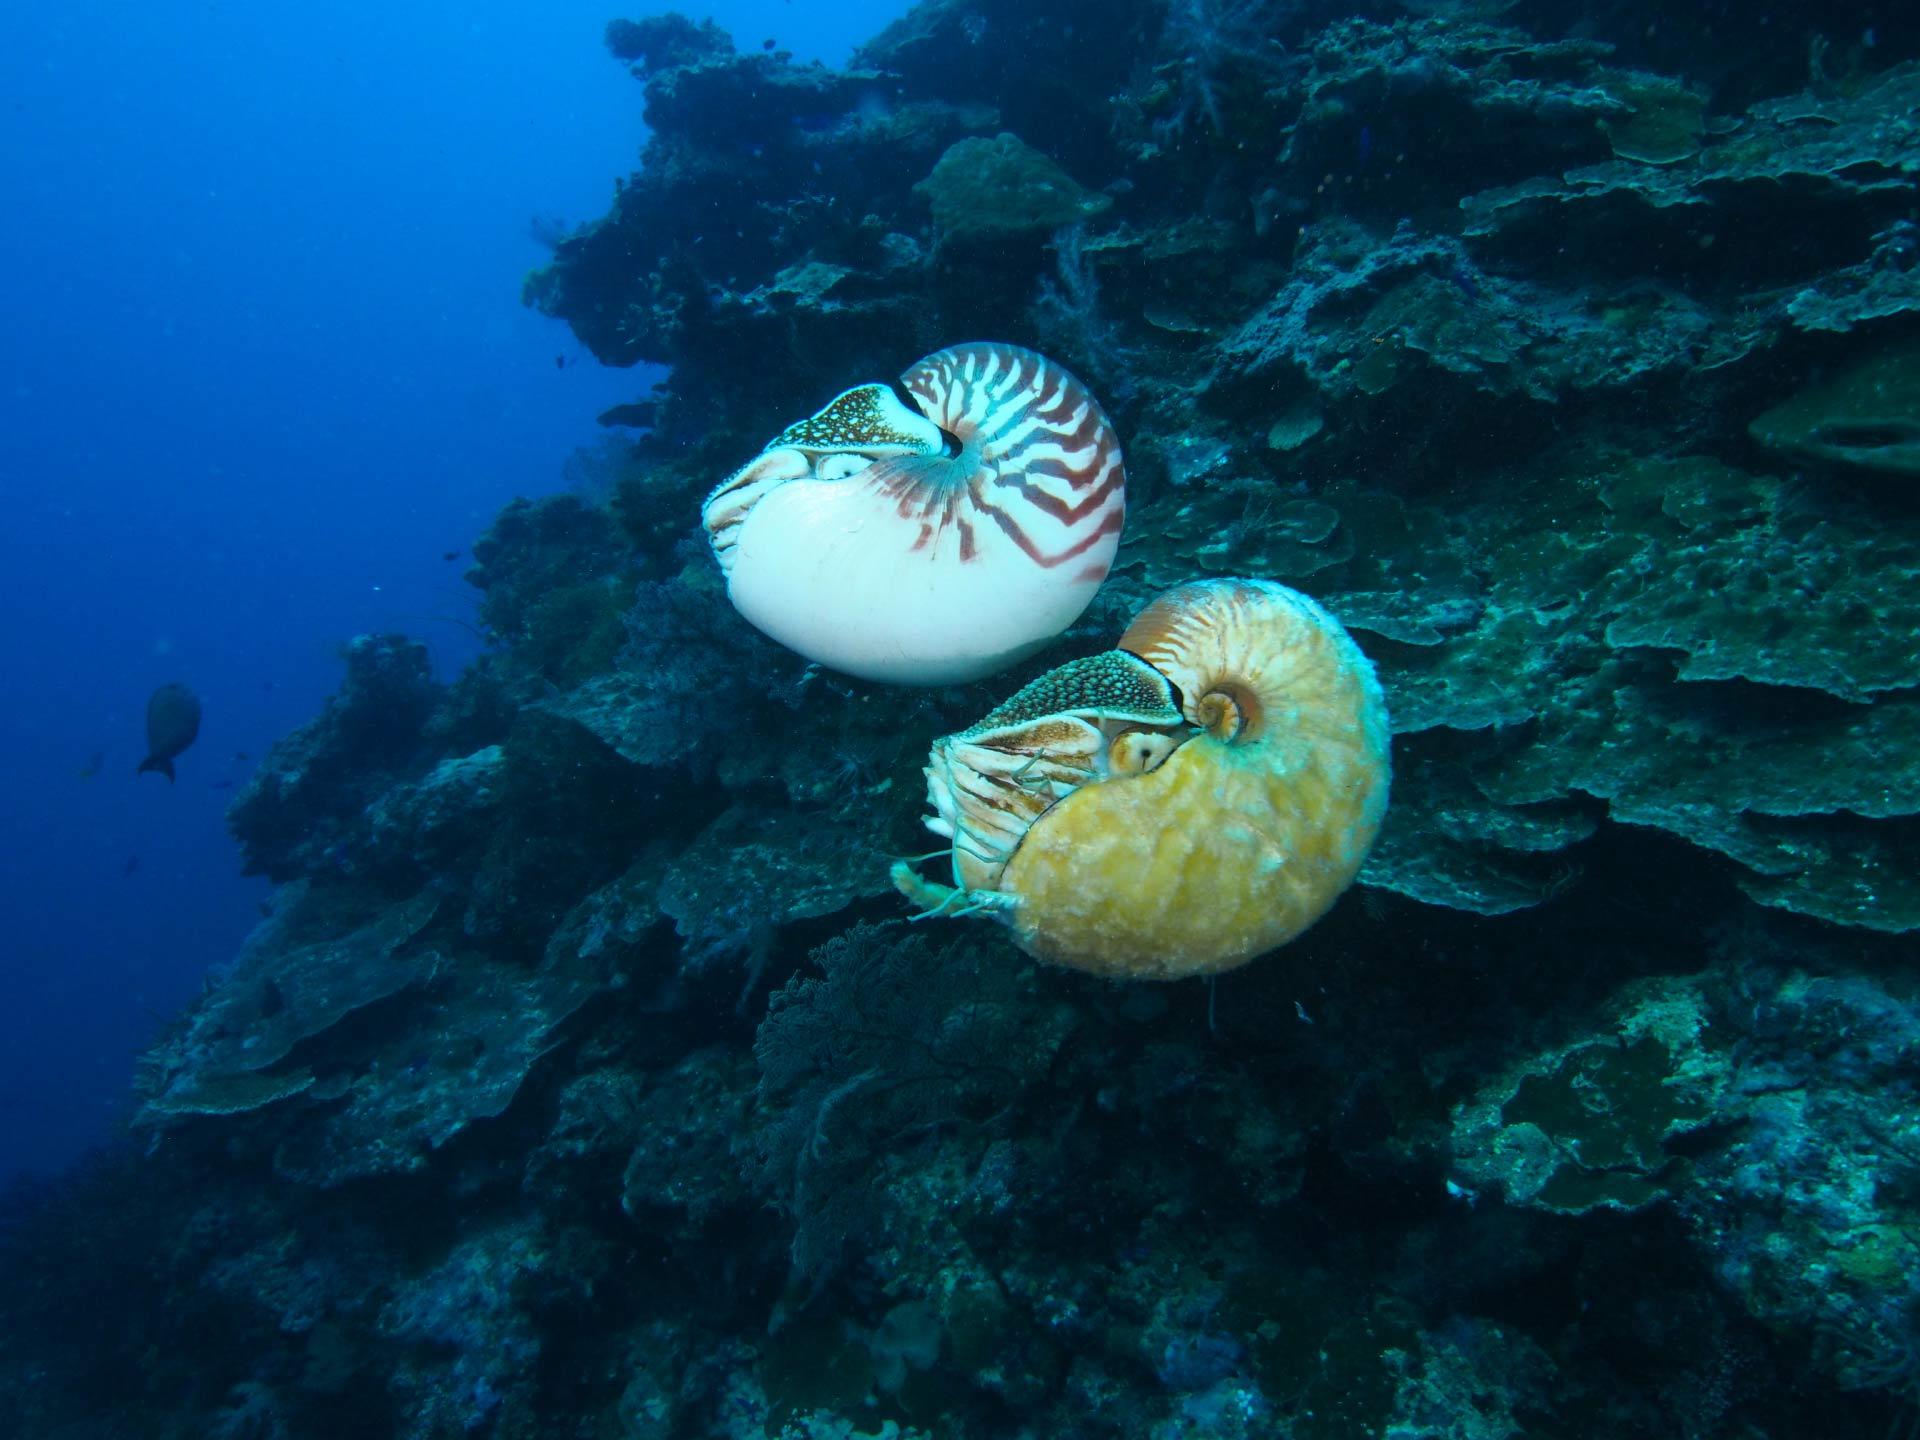 美国科学家海底发现超稀有海洋生物活化石异鹦鹉螺(Allonautilus scrobiculatus)